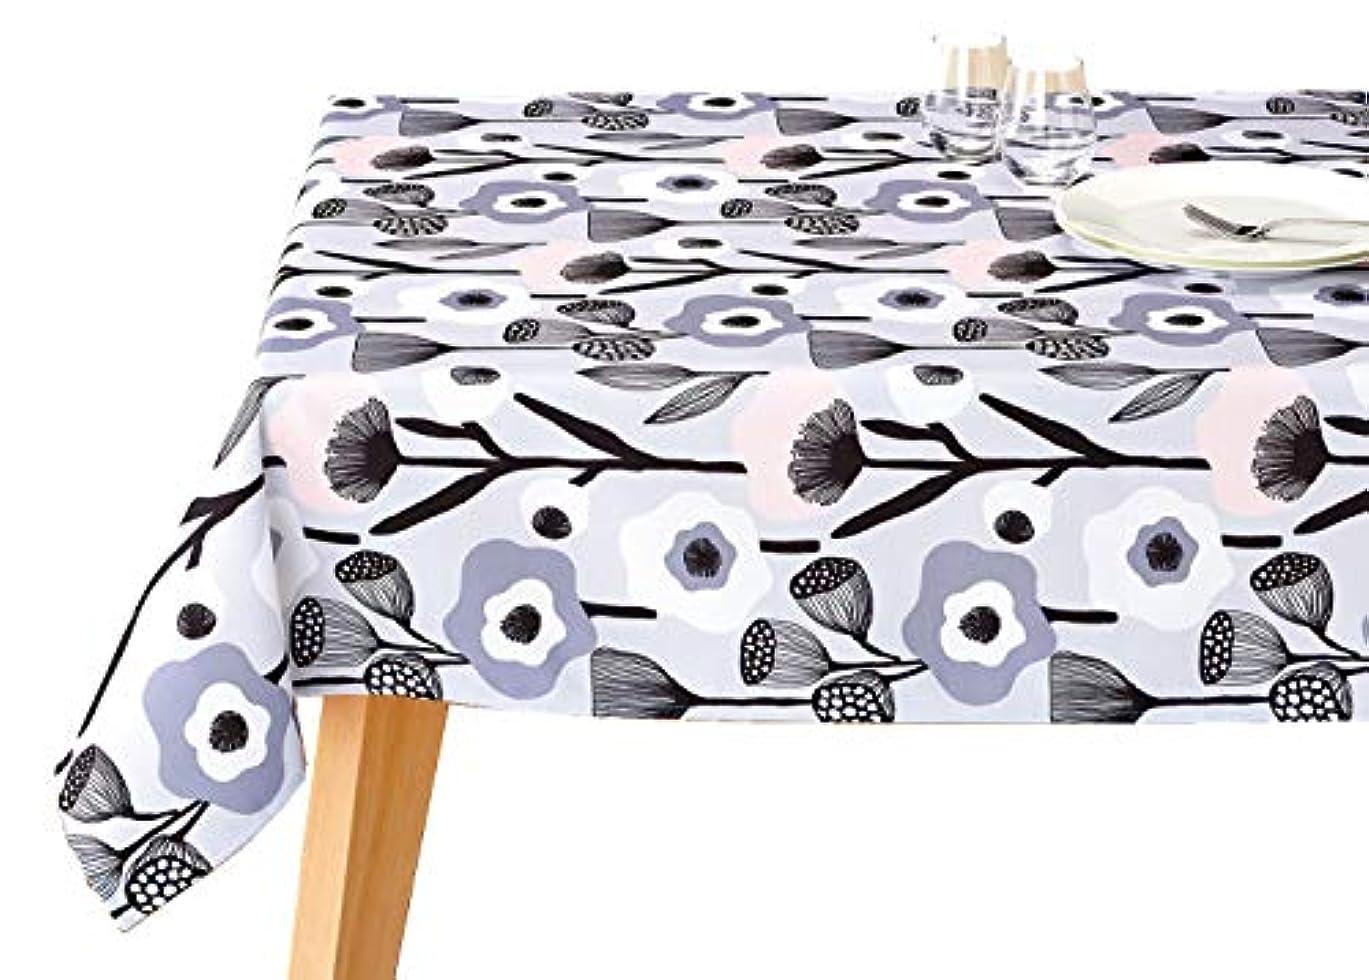 不適当欠乏たくさんテーブルクロス [撥水加工] 北欧 長方形 (130×170㎝) 4人用テーブル向け [オック?テイヤブルーン監修] ケサ グレー ブルーミング中西